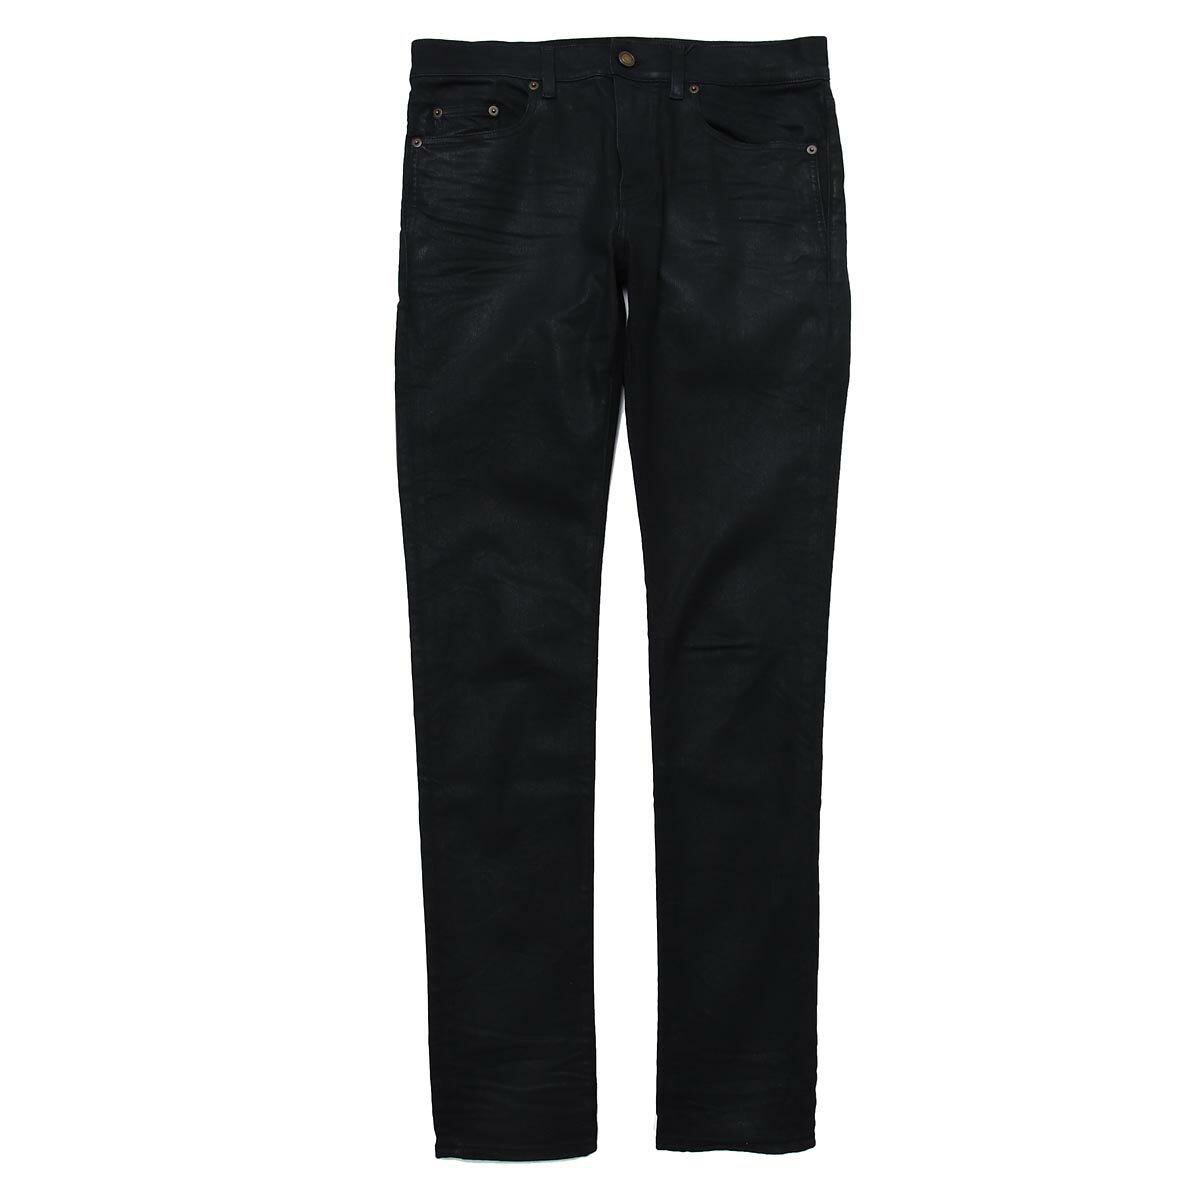 メンズファッション, ズボン・パンツ  SAINT LAURENT 527389 y824k 1076 ORIGINAL LOW WAIST SKINNY JEANS2021AW